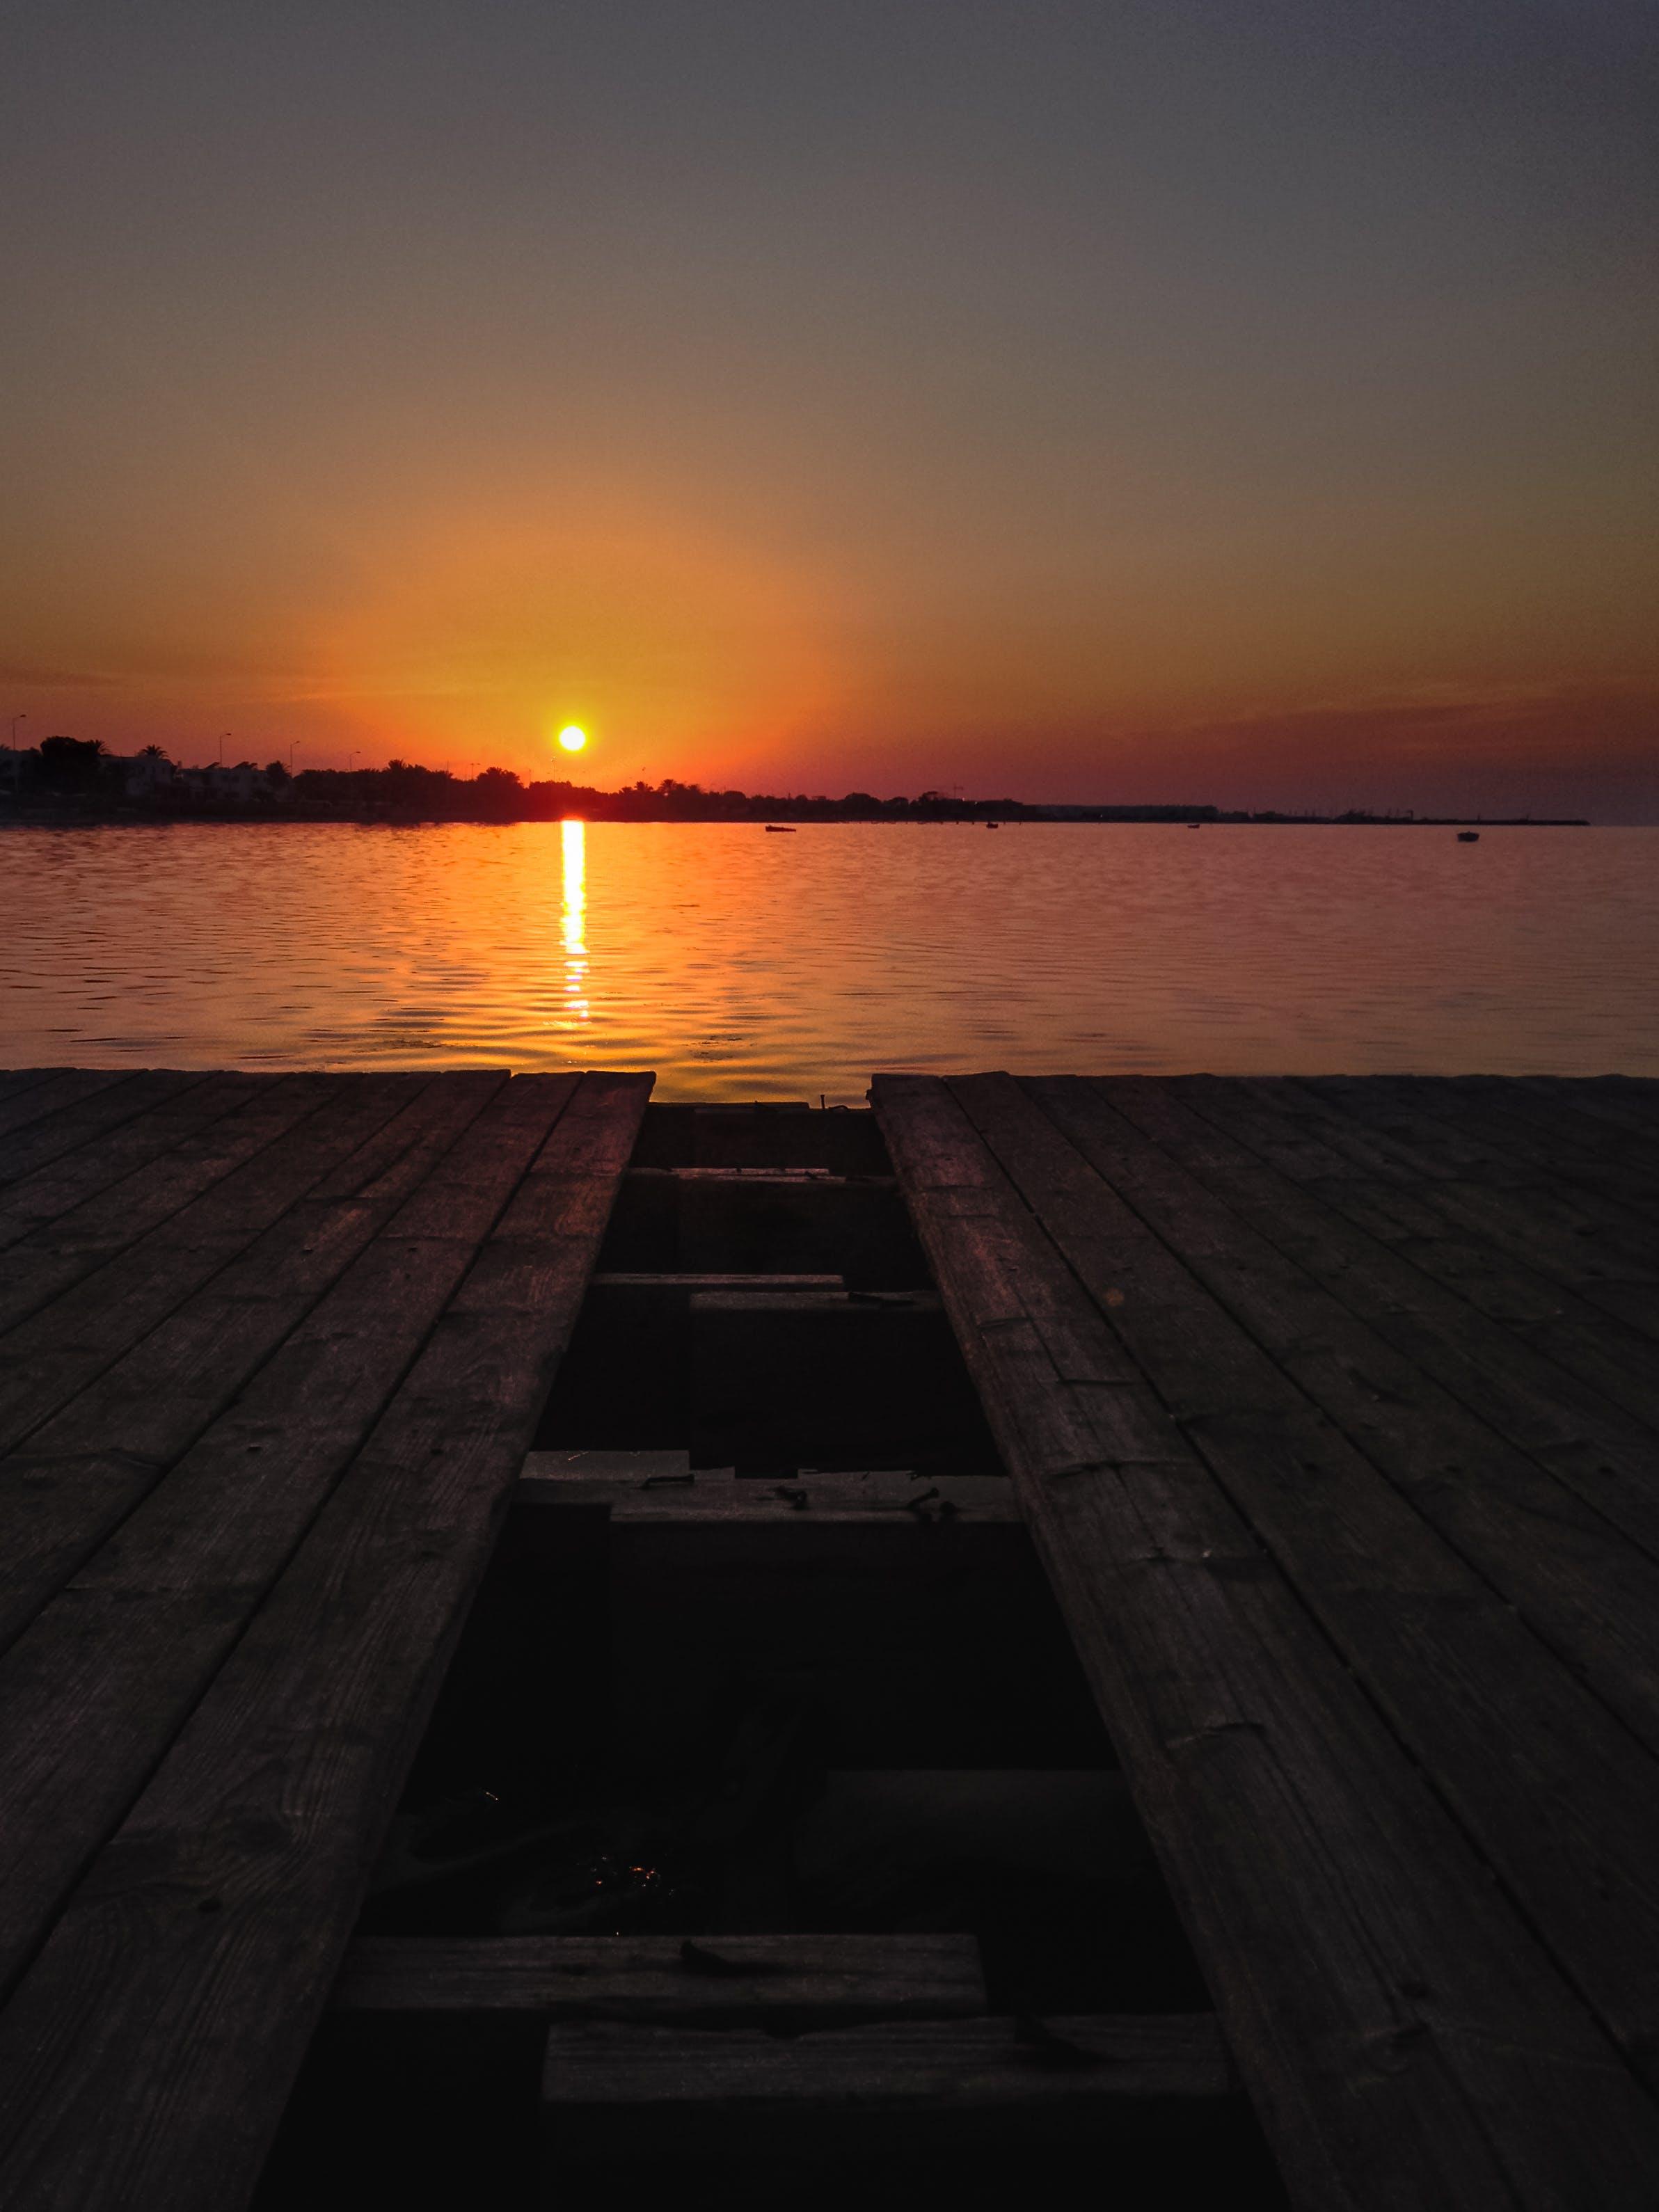 Free stock photo of djerba, golden sunset, island, tunisia